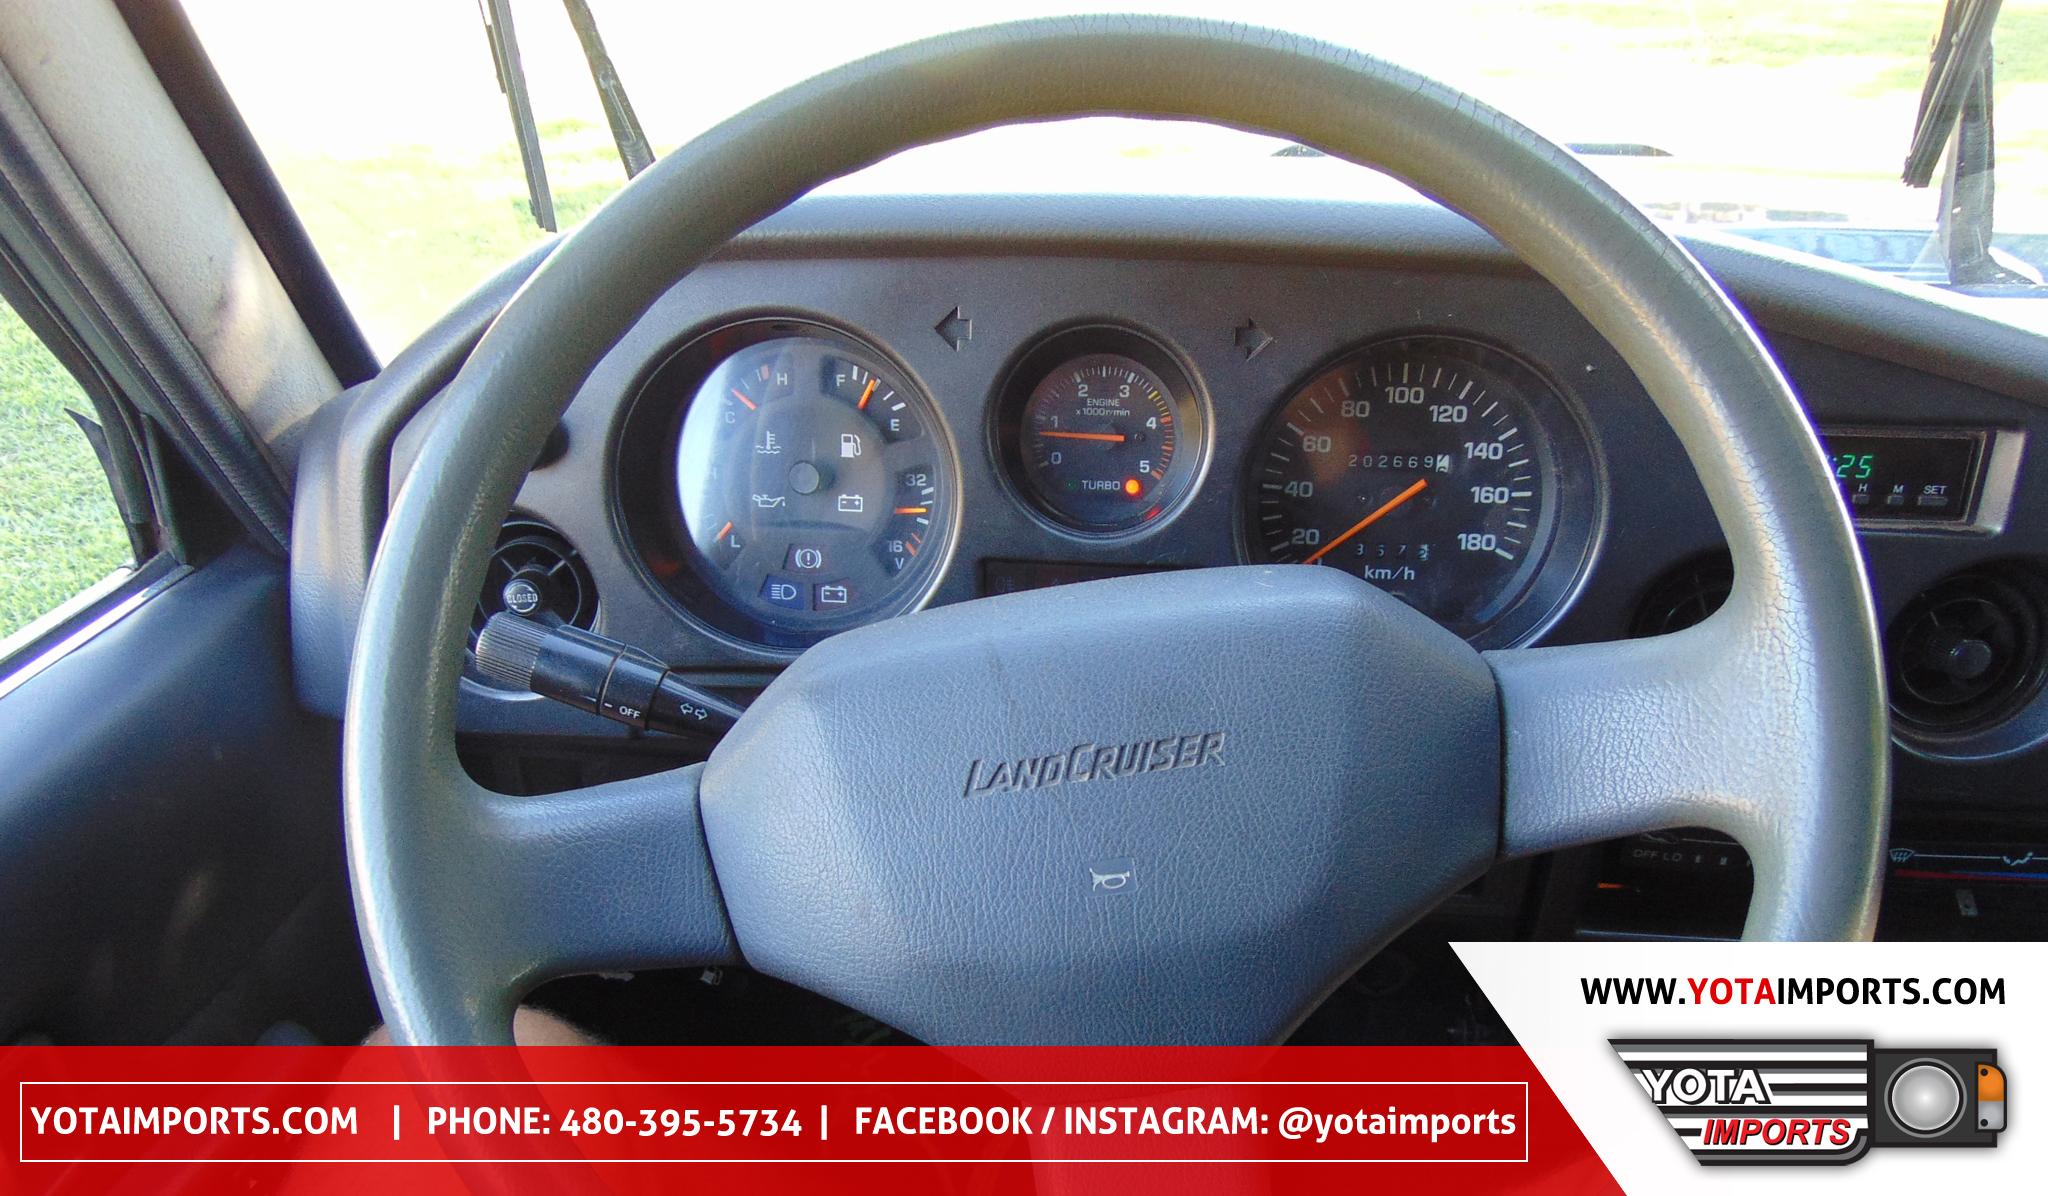 1988 Toyota Land Cruiser U2013 HJ61 #020161201A Full